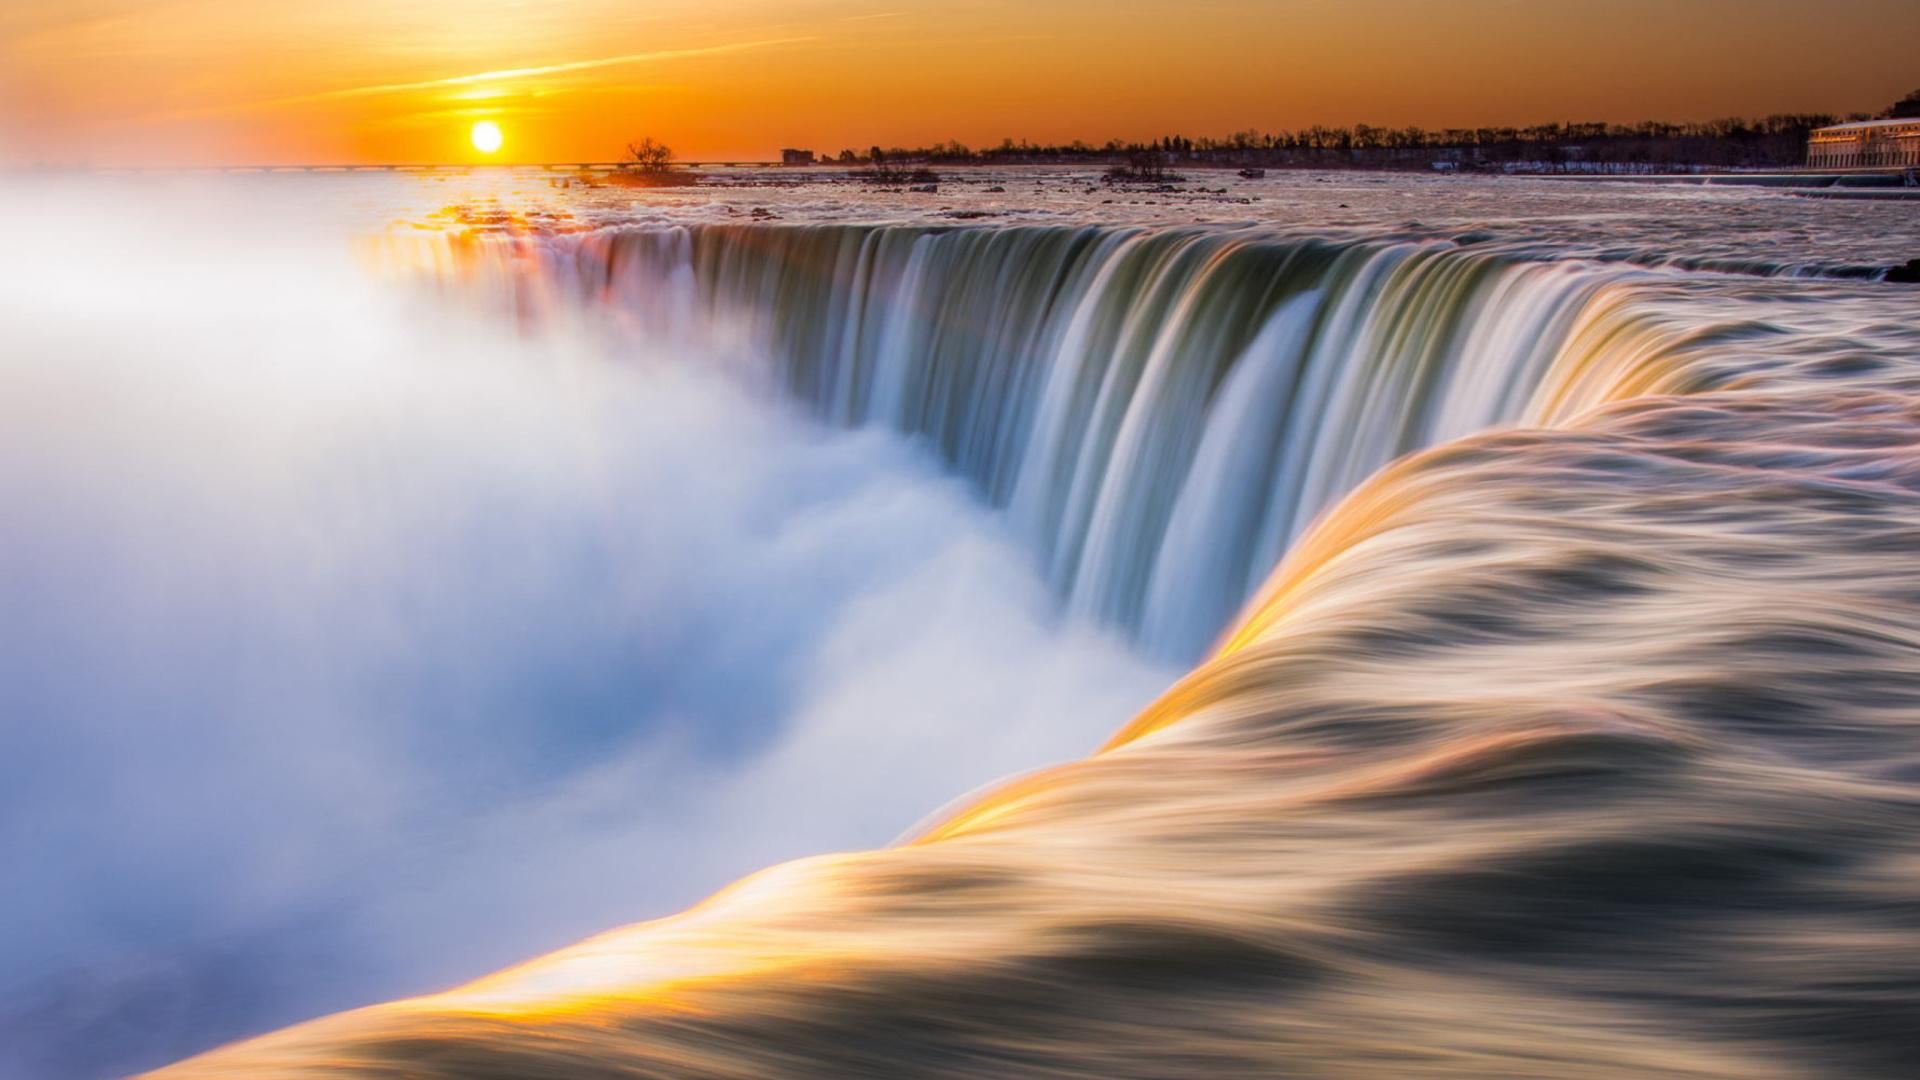 Niagara falls fondos de pantalla gratis para escritorio for Fondos de escritorio full hd